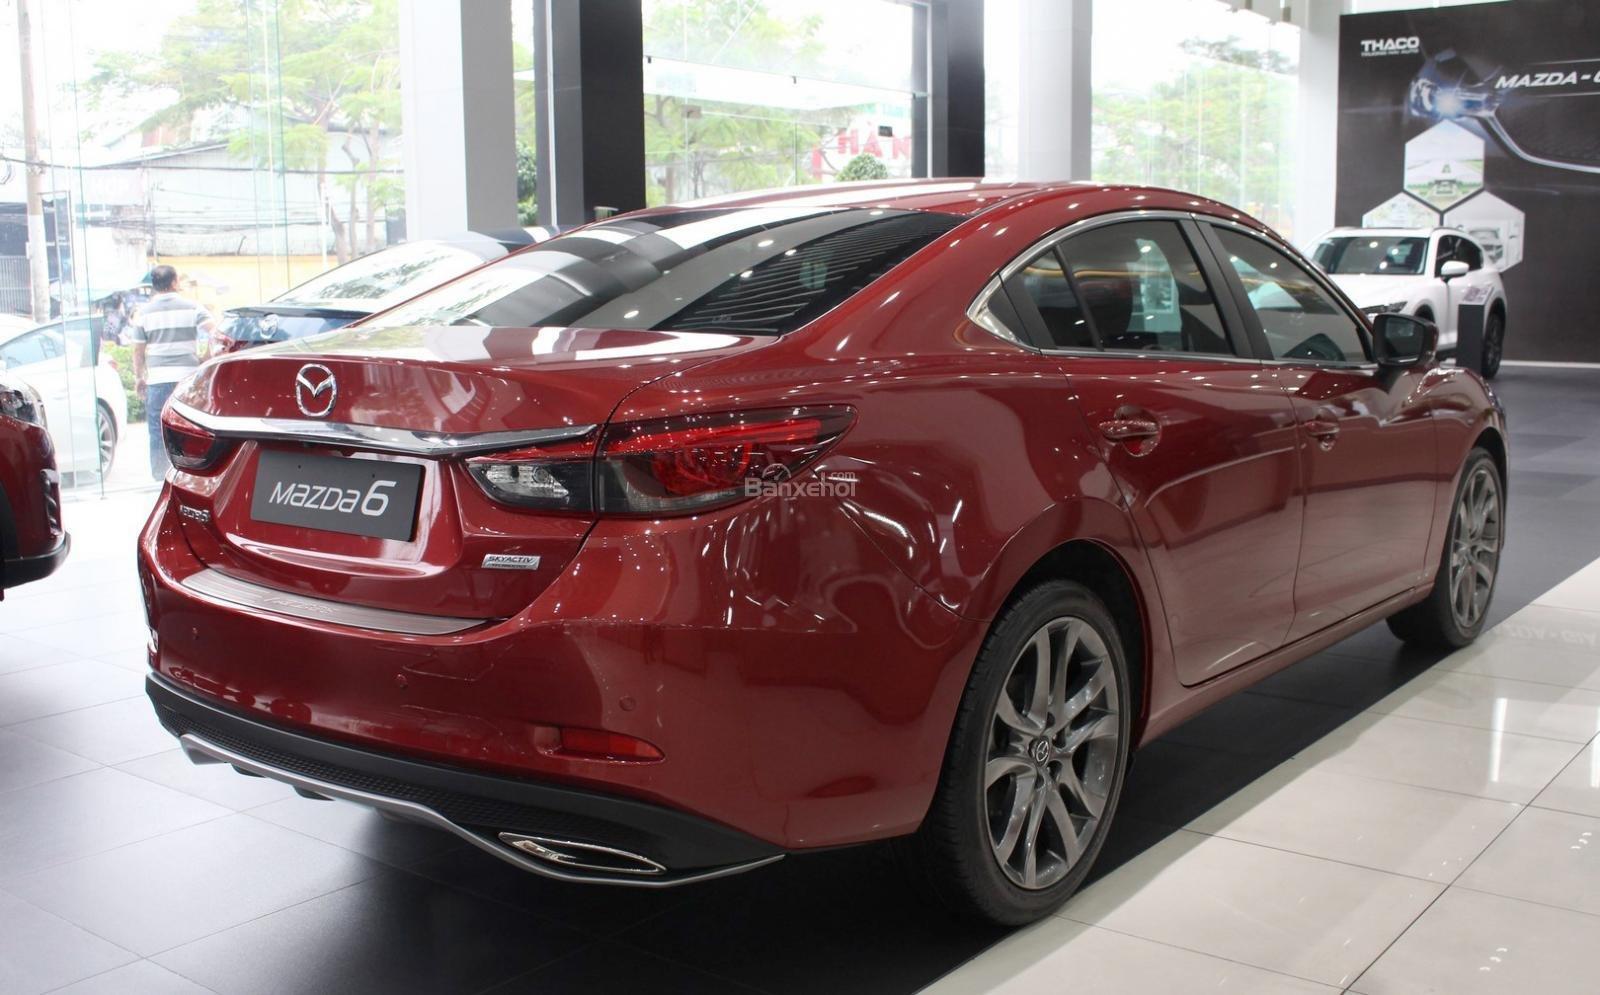 Bán Mazda 6 2.0 AT Premium 2019, xe có sẵn giảm giá cực sốc [Mazda Bình Triệu] (2)